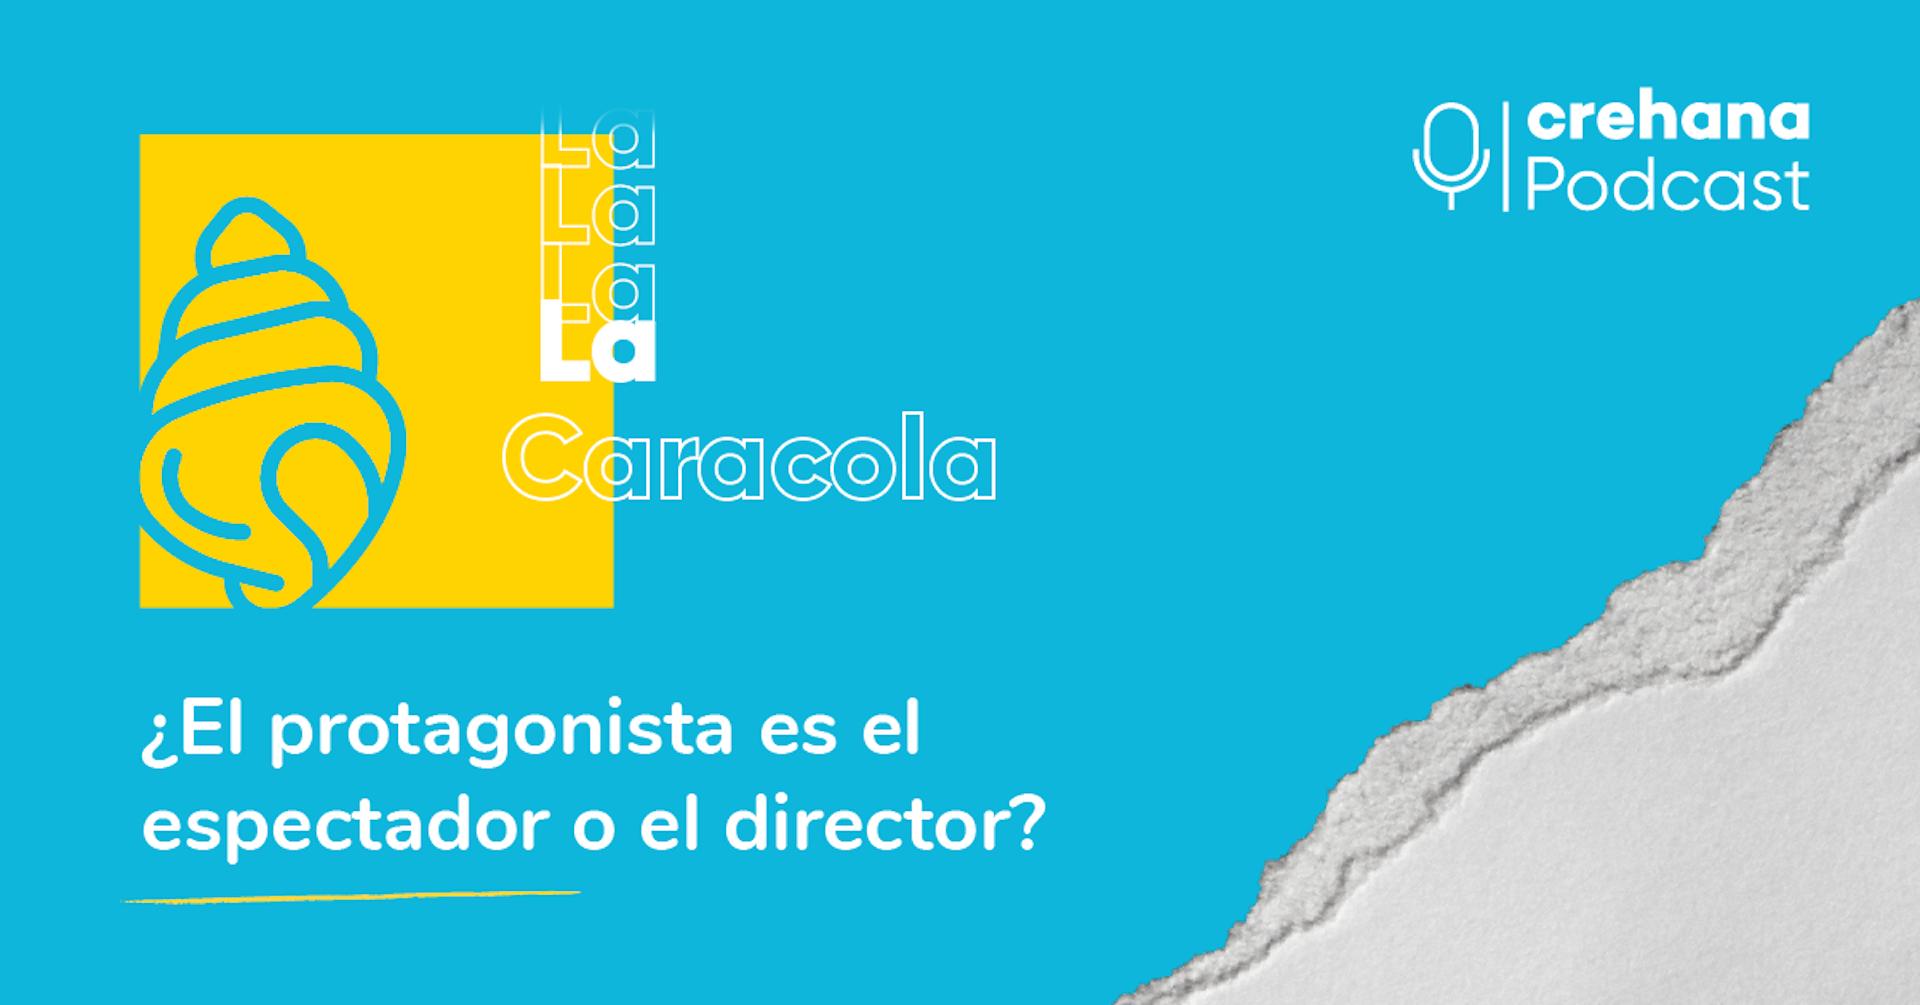 La Caracola Podcast, episodio 6: ¿El protagonista es el espectador o el director?